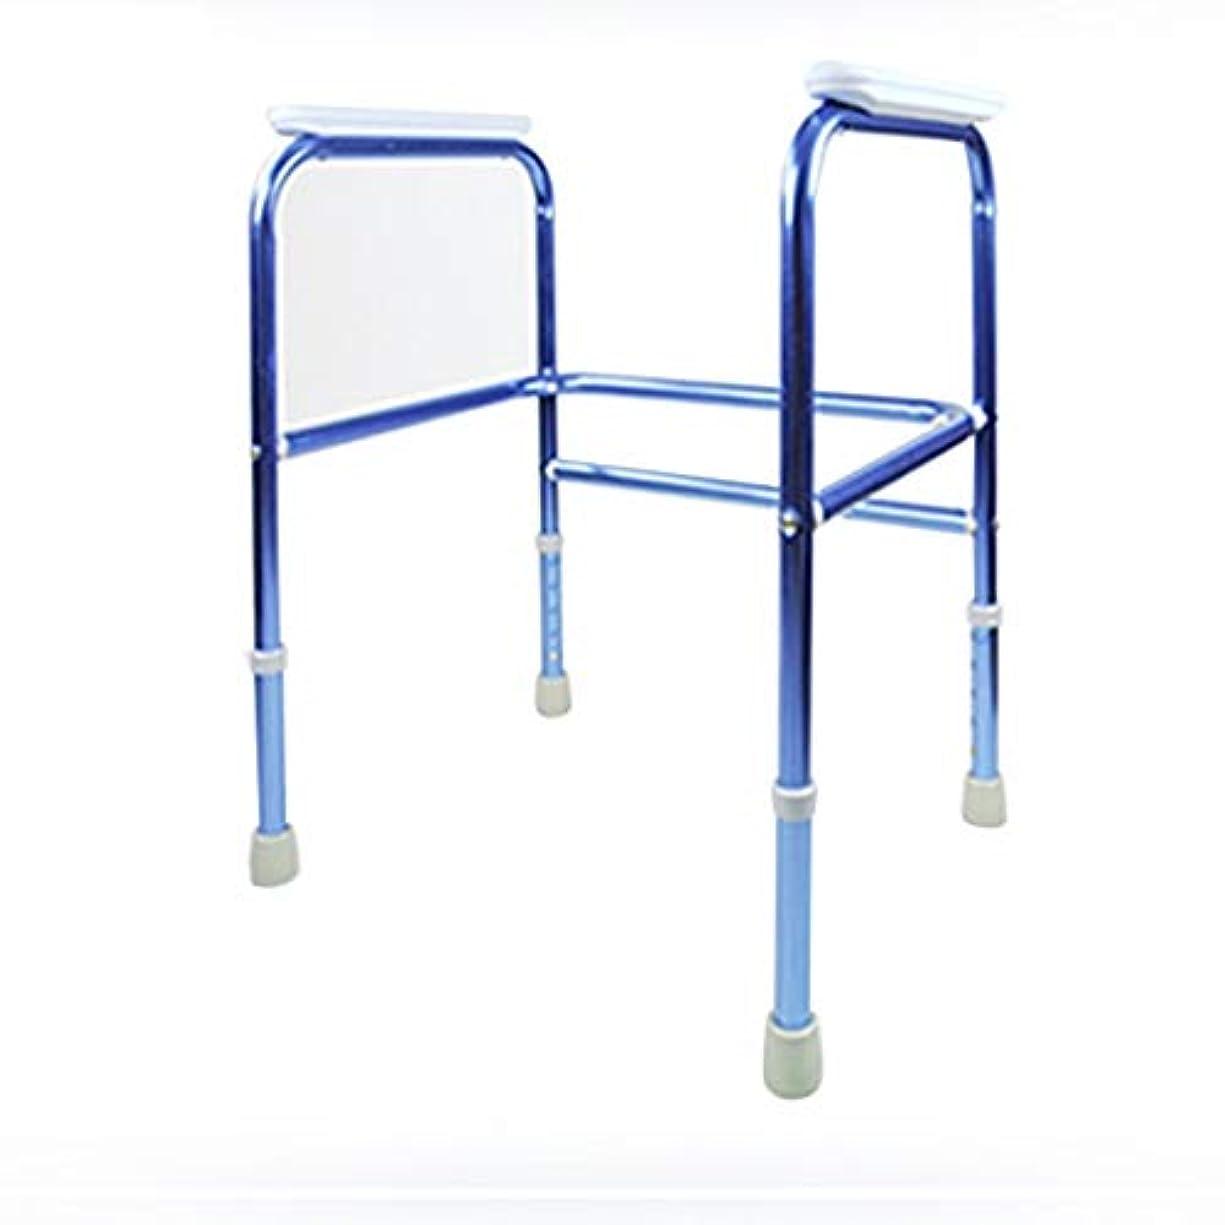 調節可能なスチールトイレサラウンドフレーム、トイレの安全フレーム、高齢者および身体障害者に最適